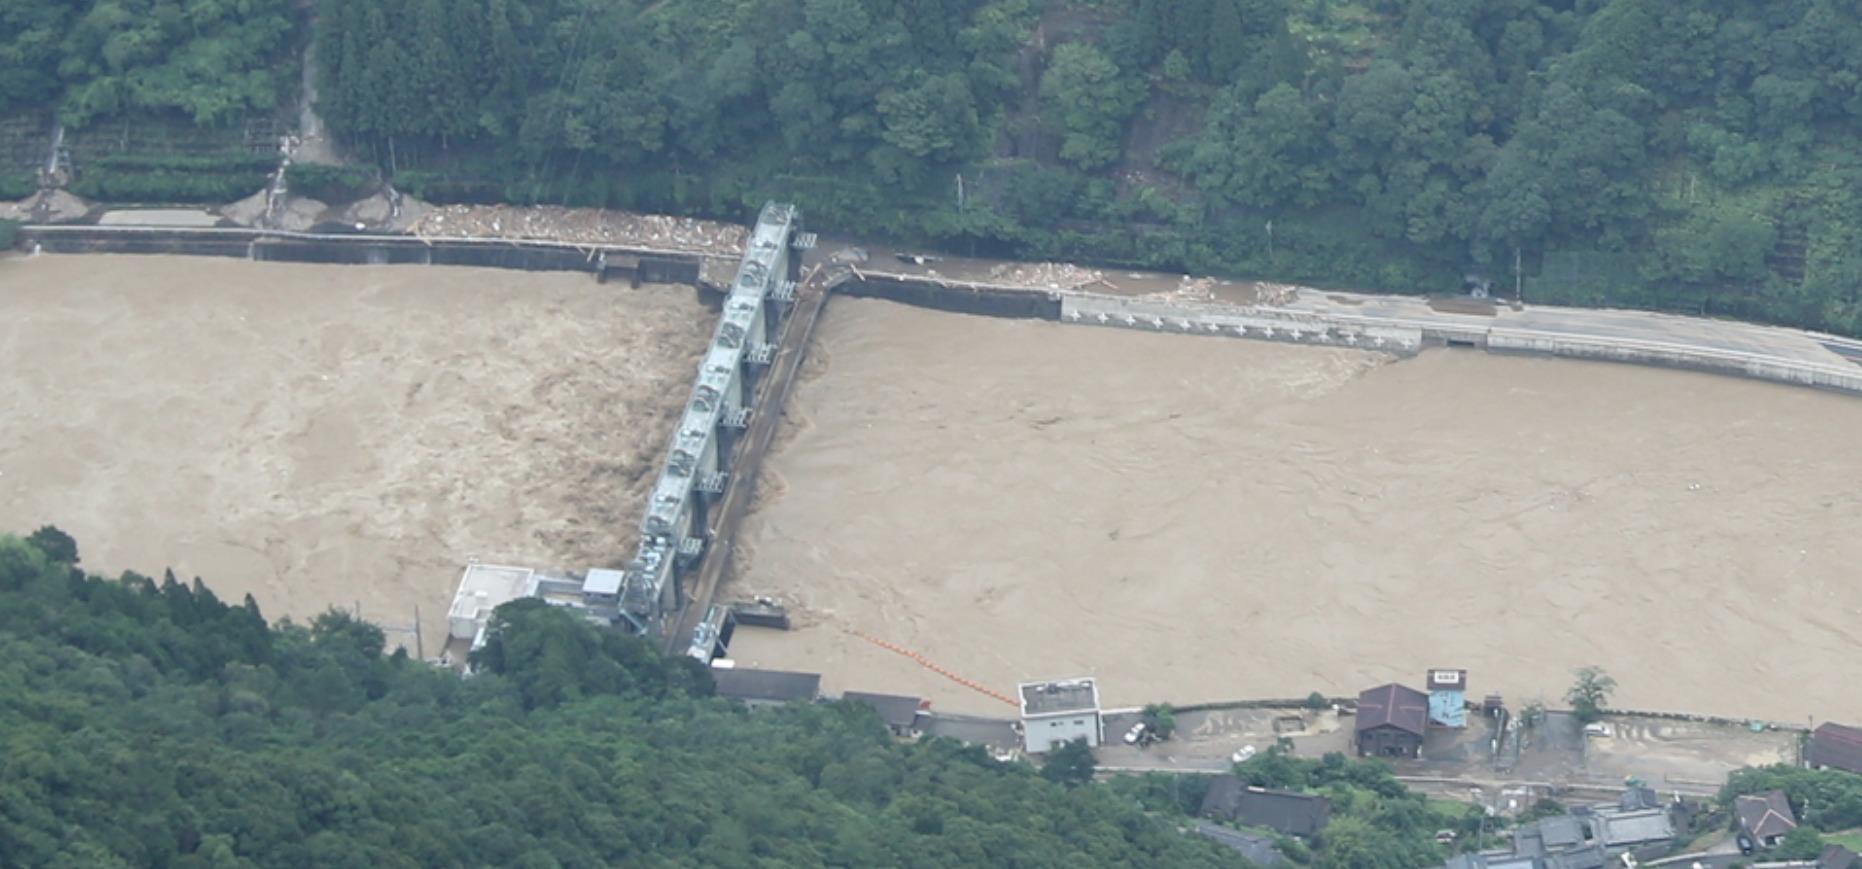 瀬戸石ダムゲート完全開放